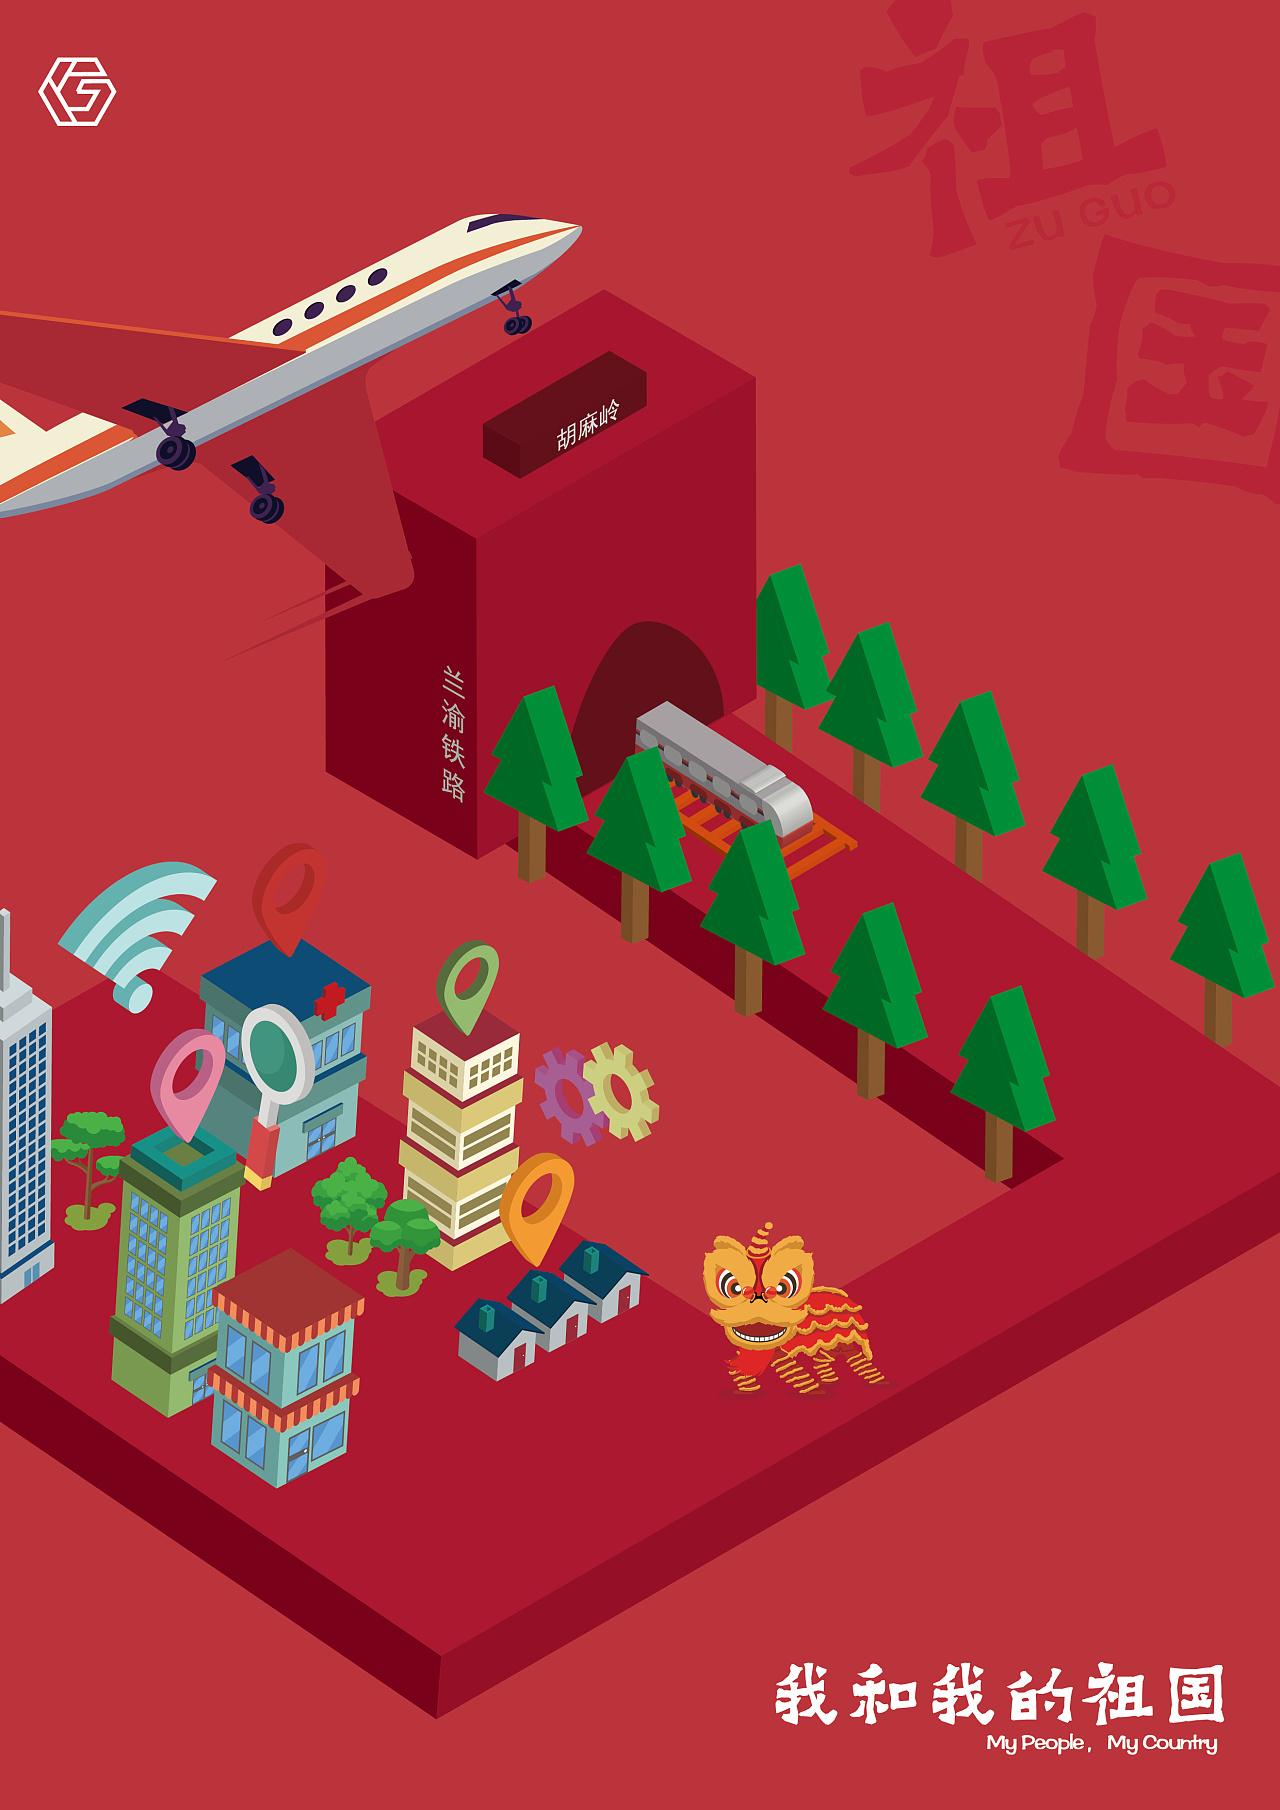 咸阳原_我和我的祖国2.5D风海报 平面 海报 鸭鸭鸭 - 原创作品 - 站酷 (ZCOOL)